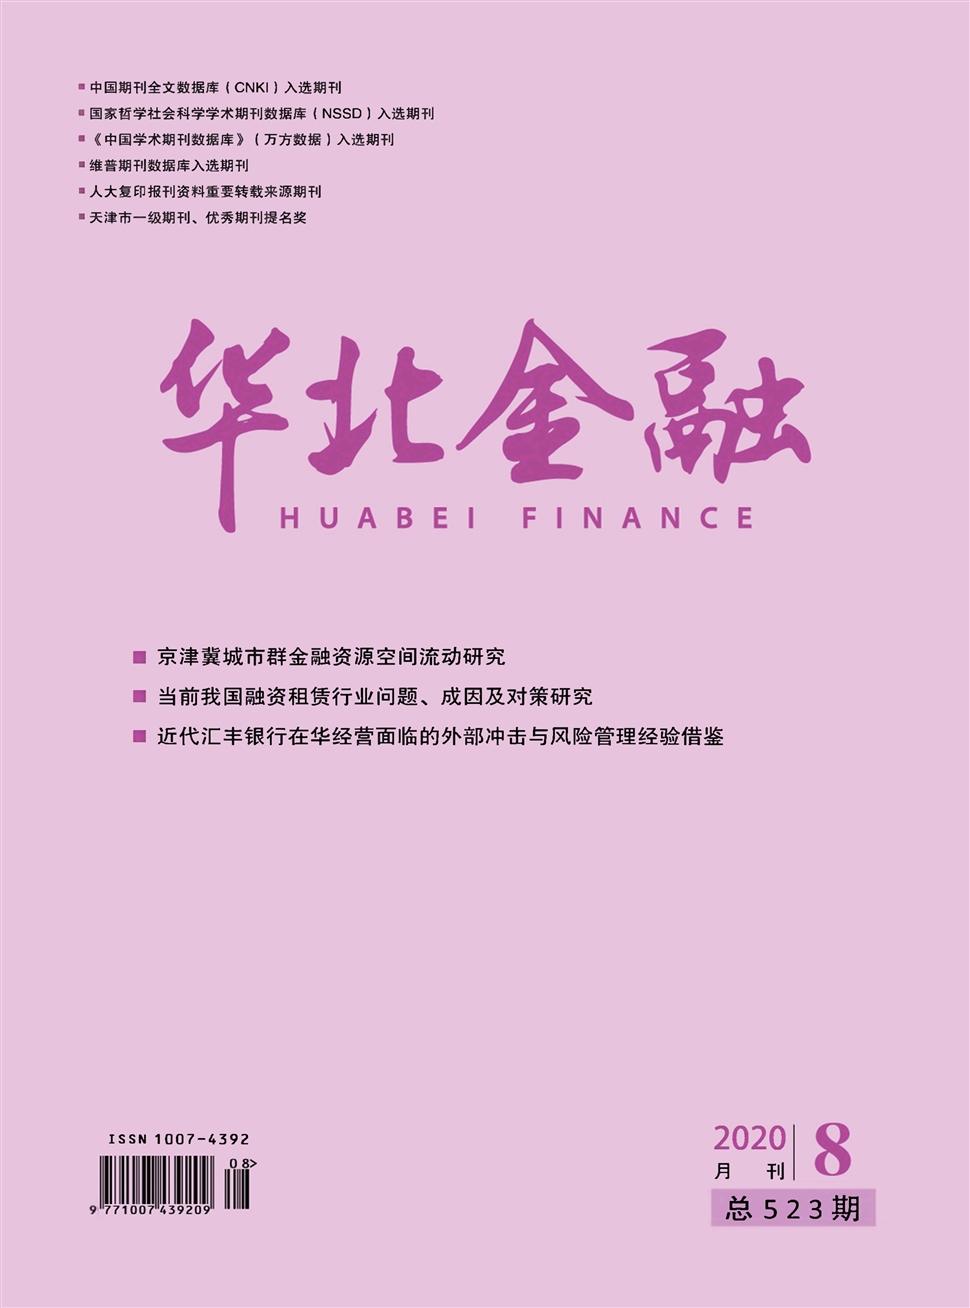 《华北金融》